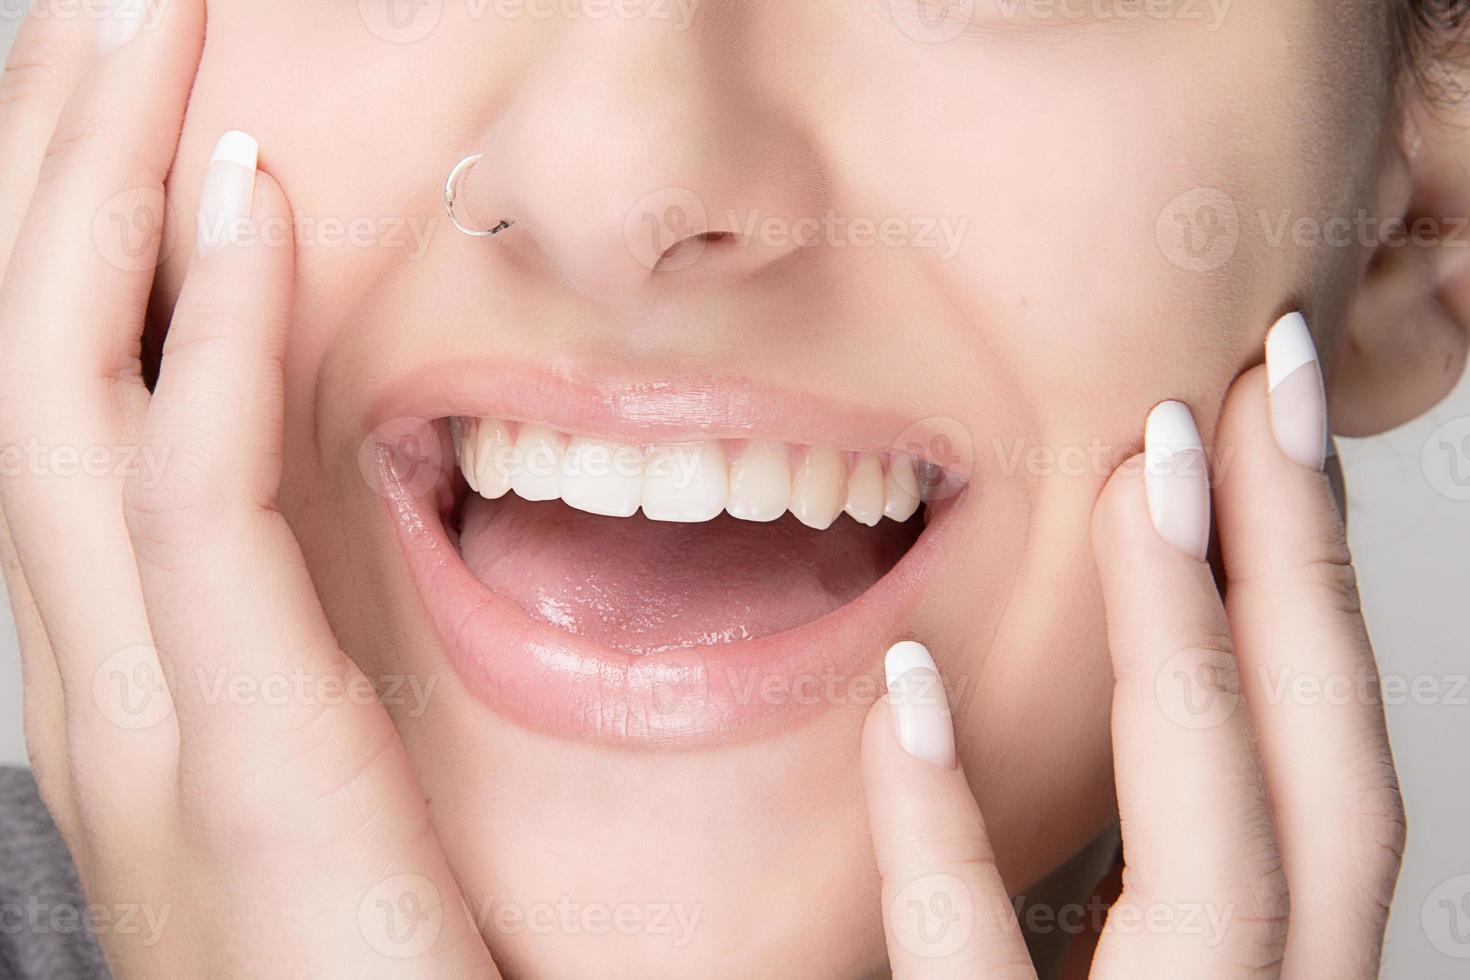 bouche saine. sourire de beauté. manucure française photo